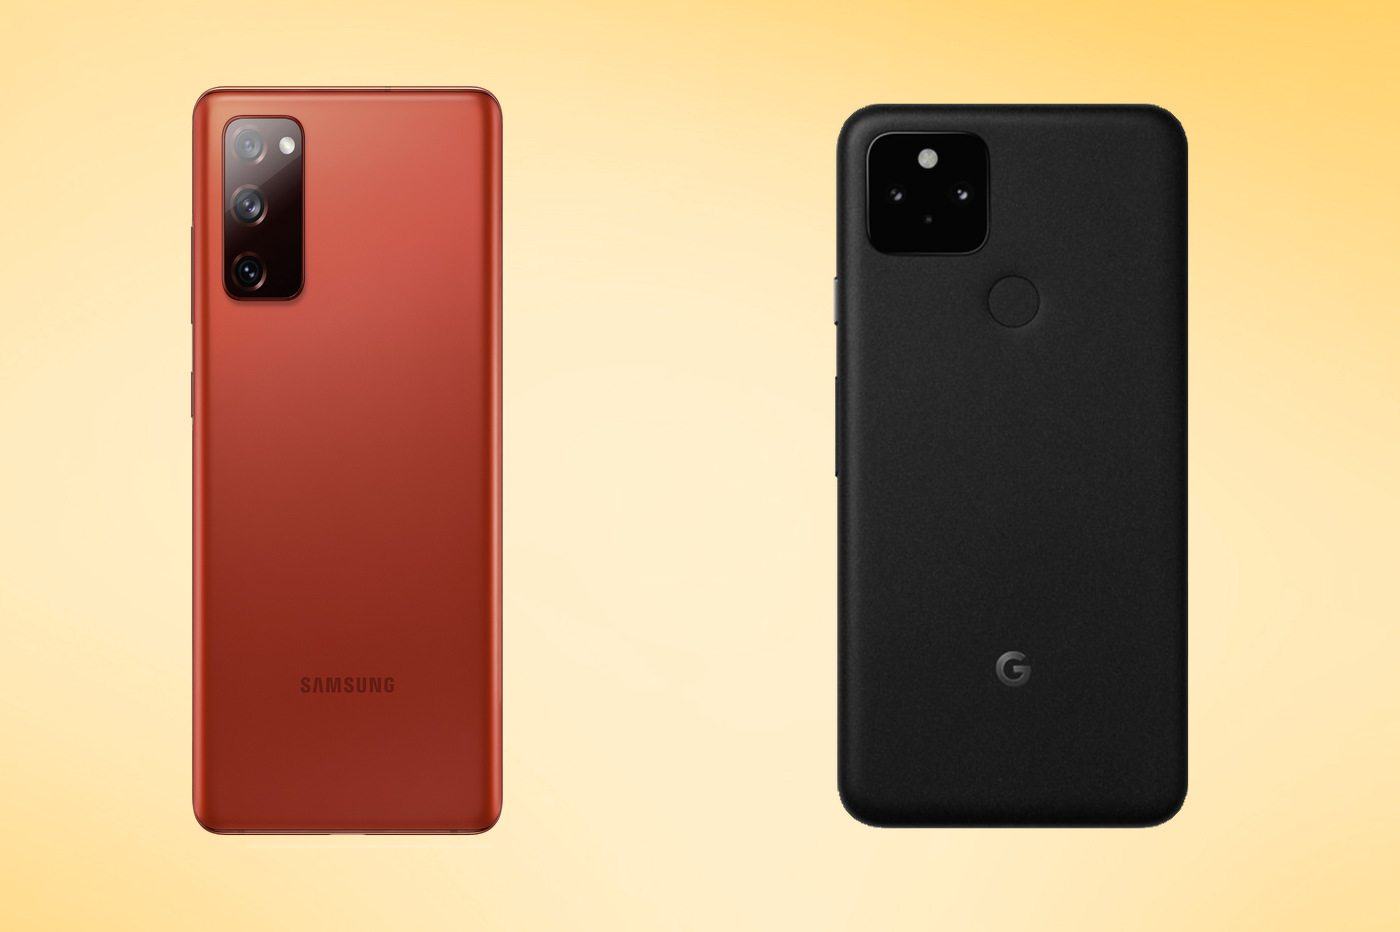 Pixel 5 vs S20 FE